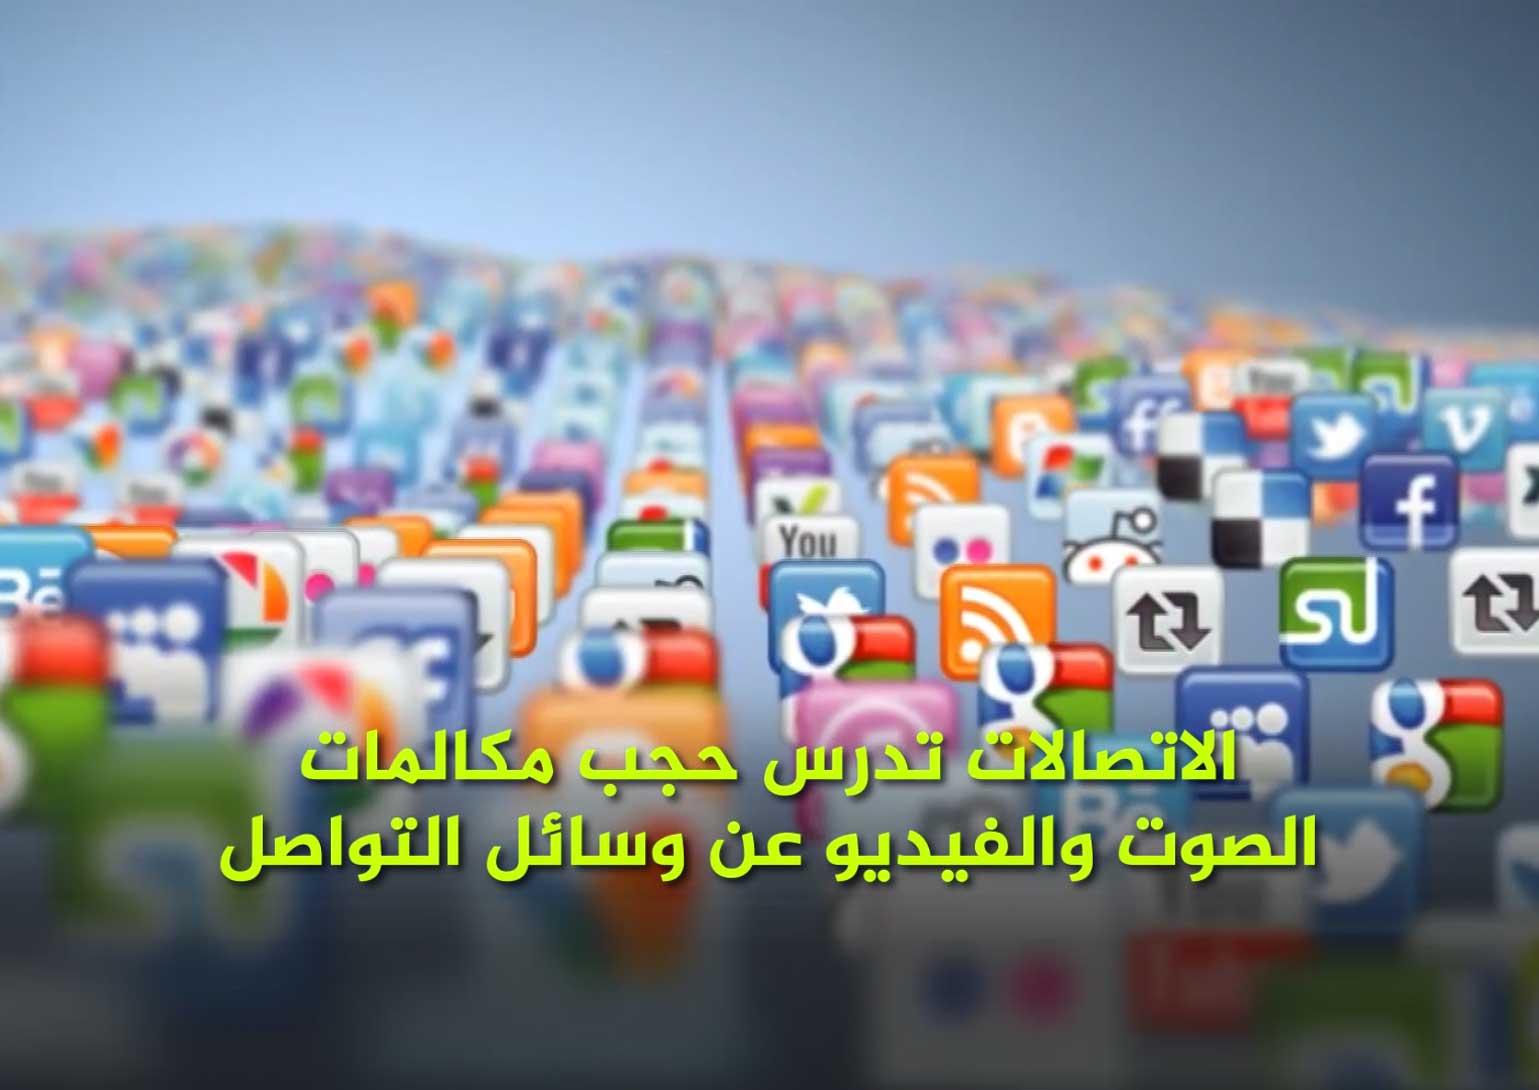 Photo of هل سيطبق قرار حجب المكالمات على تطبيقات التواصل الاجتماعي؟